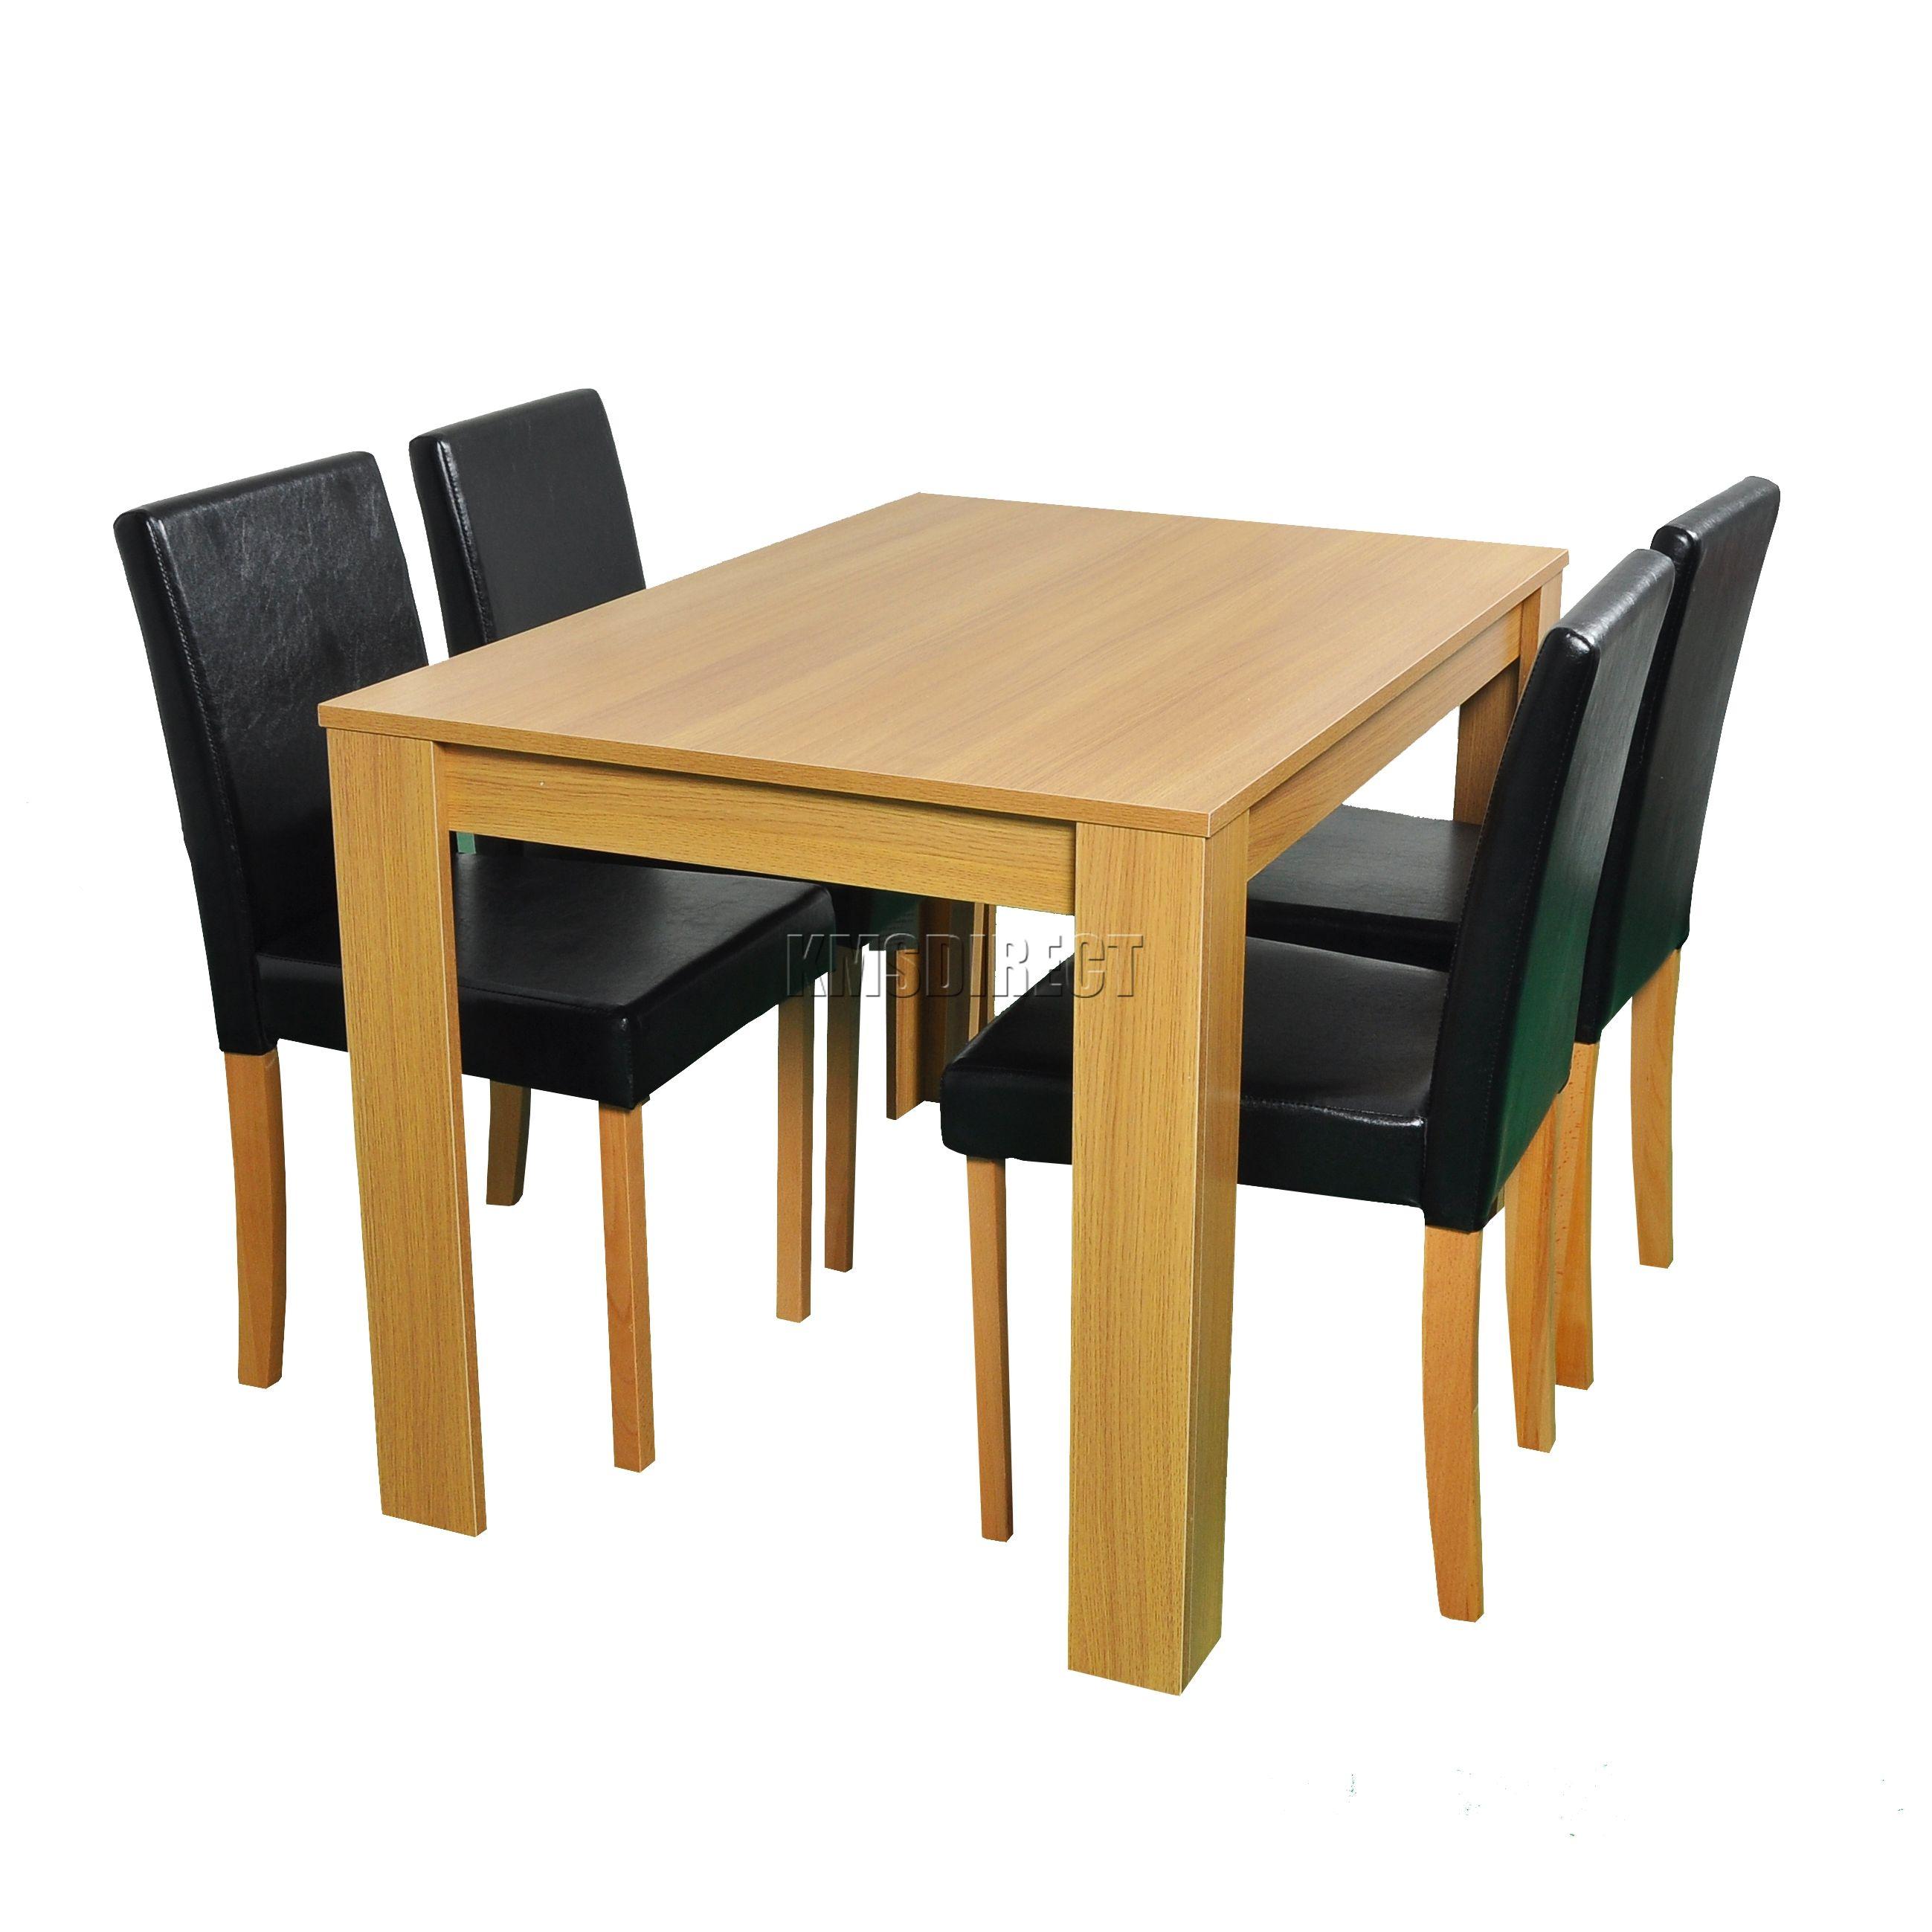 Gepolstert Esszimmer Holz Zum Küche Stühle Stuhl Verkauf n0NwPOkX8Z